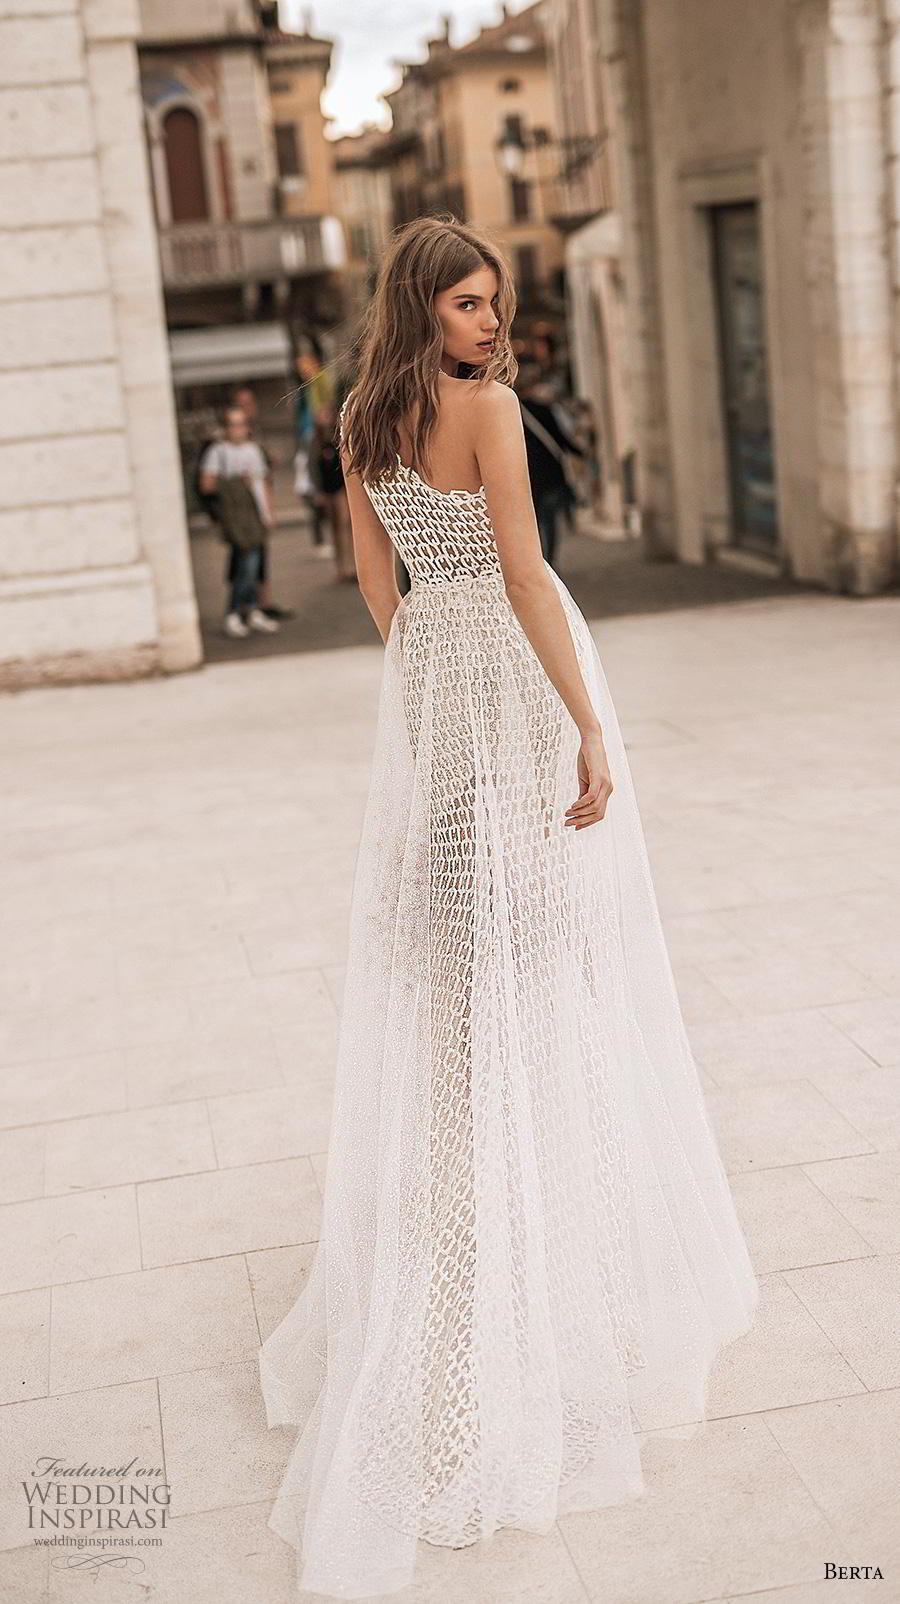 berta 2019 privee bridal cap sleeves one shoulder full embellishment slit skirt elegant modern sheath wedding dress a  line overskirt chapel train (11) bv